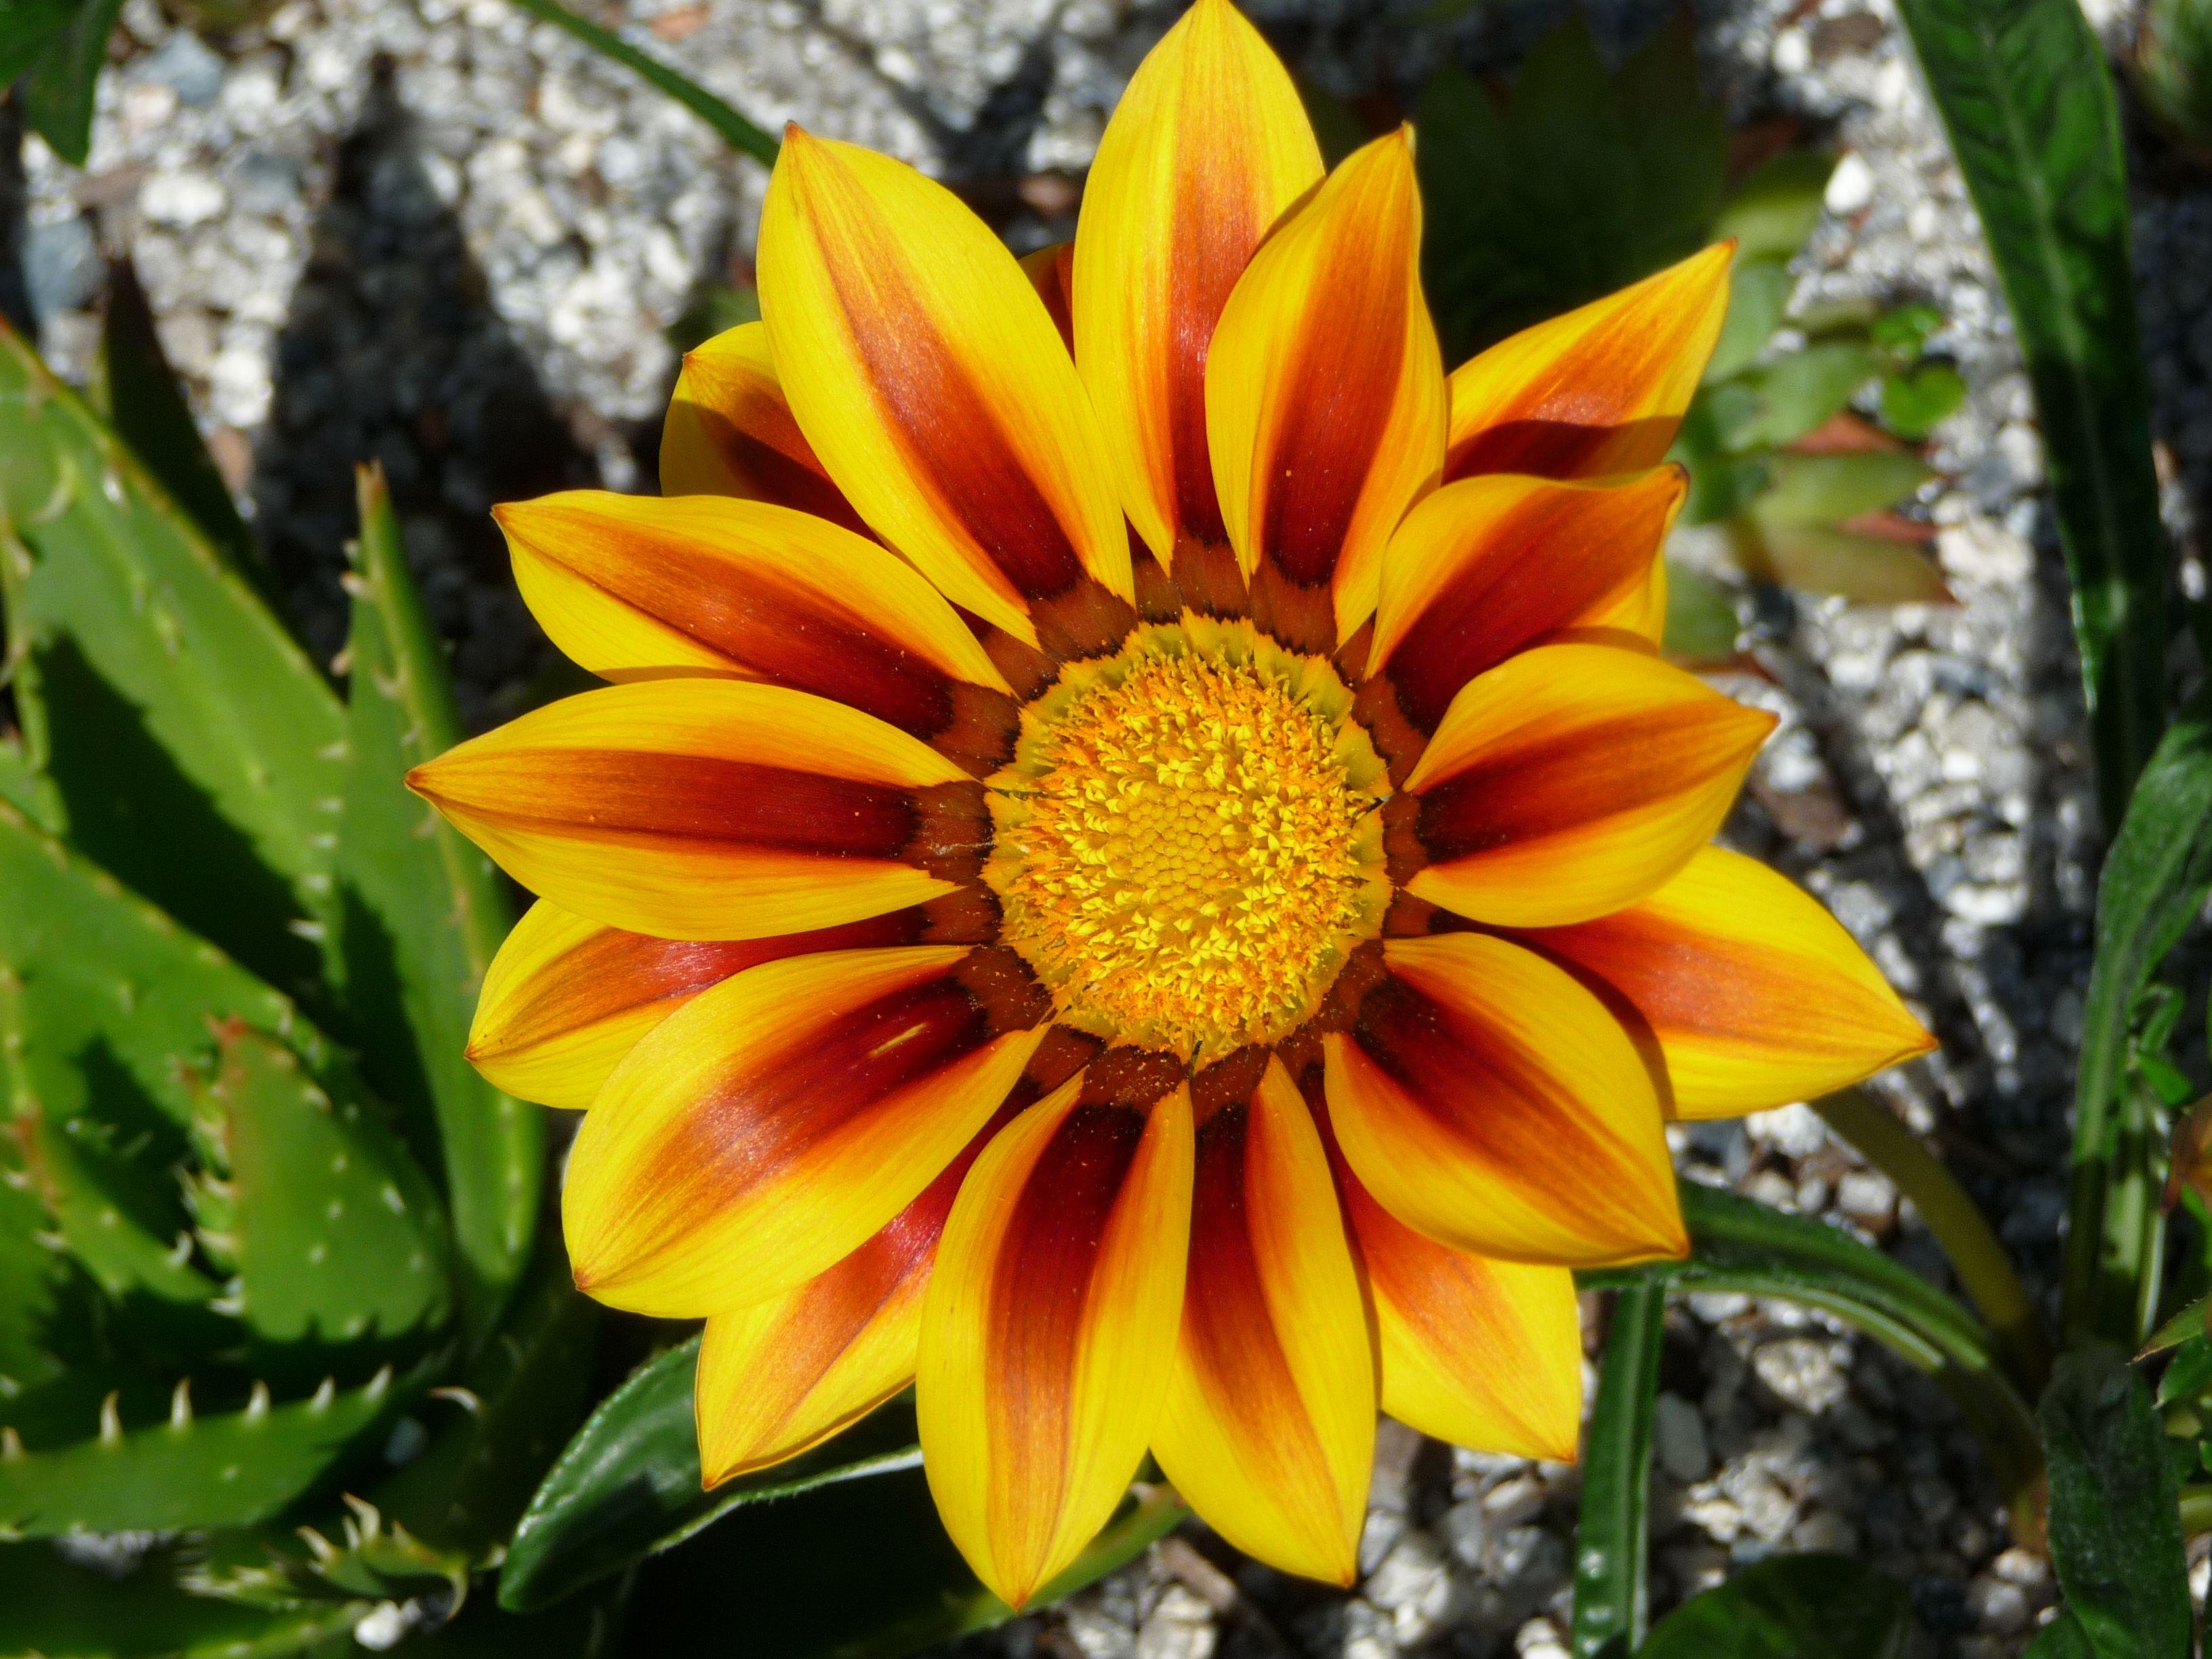 Yellow flower oxford uk flowers from around the world pinterest yellow flower oxford uk izmirmasajfo